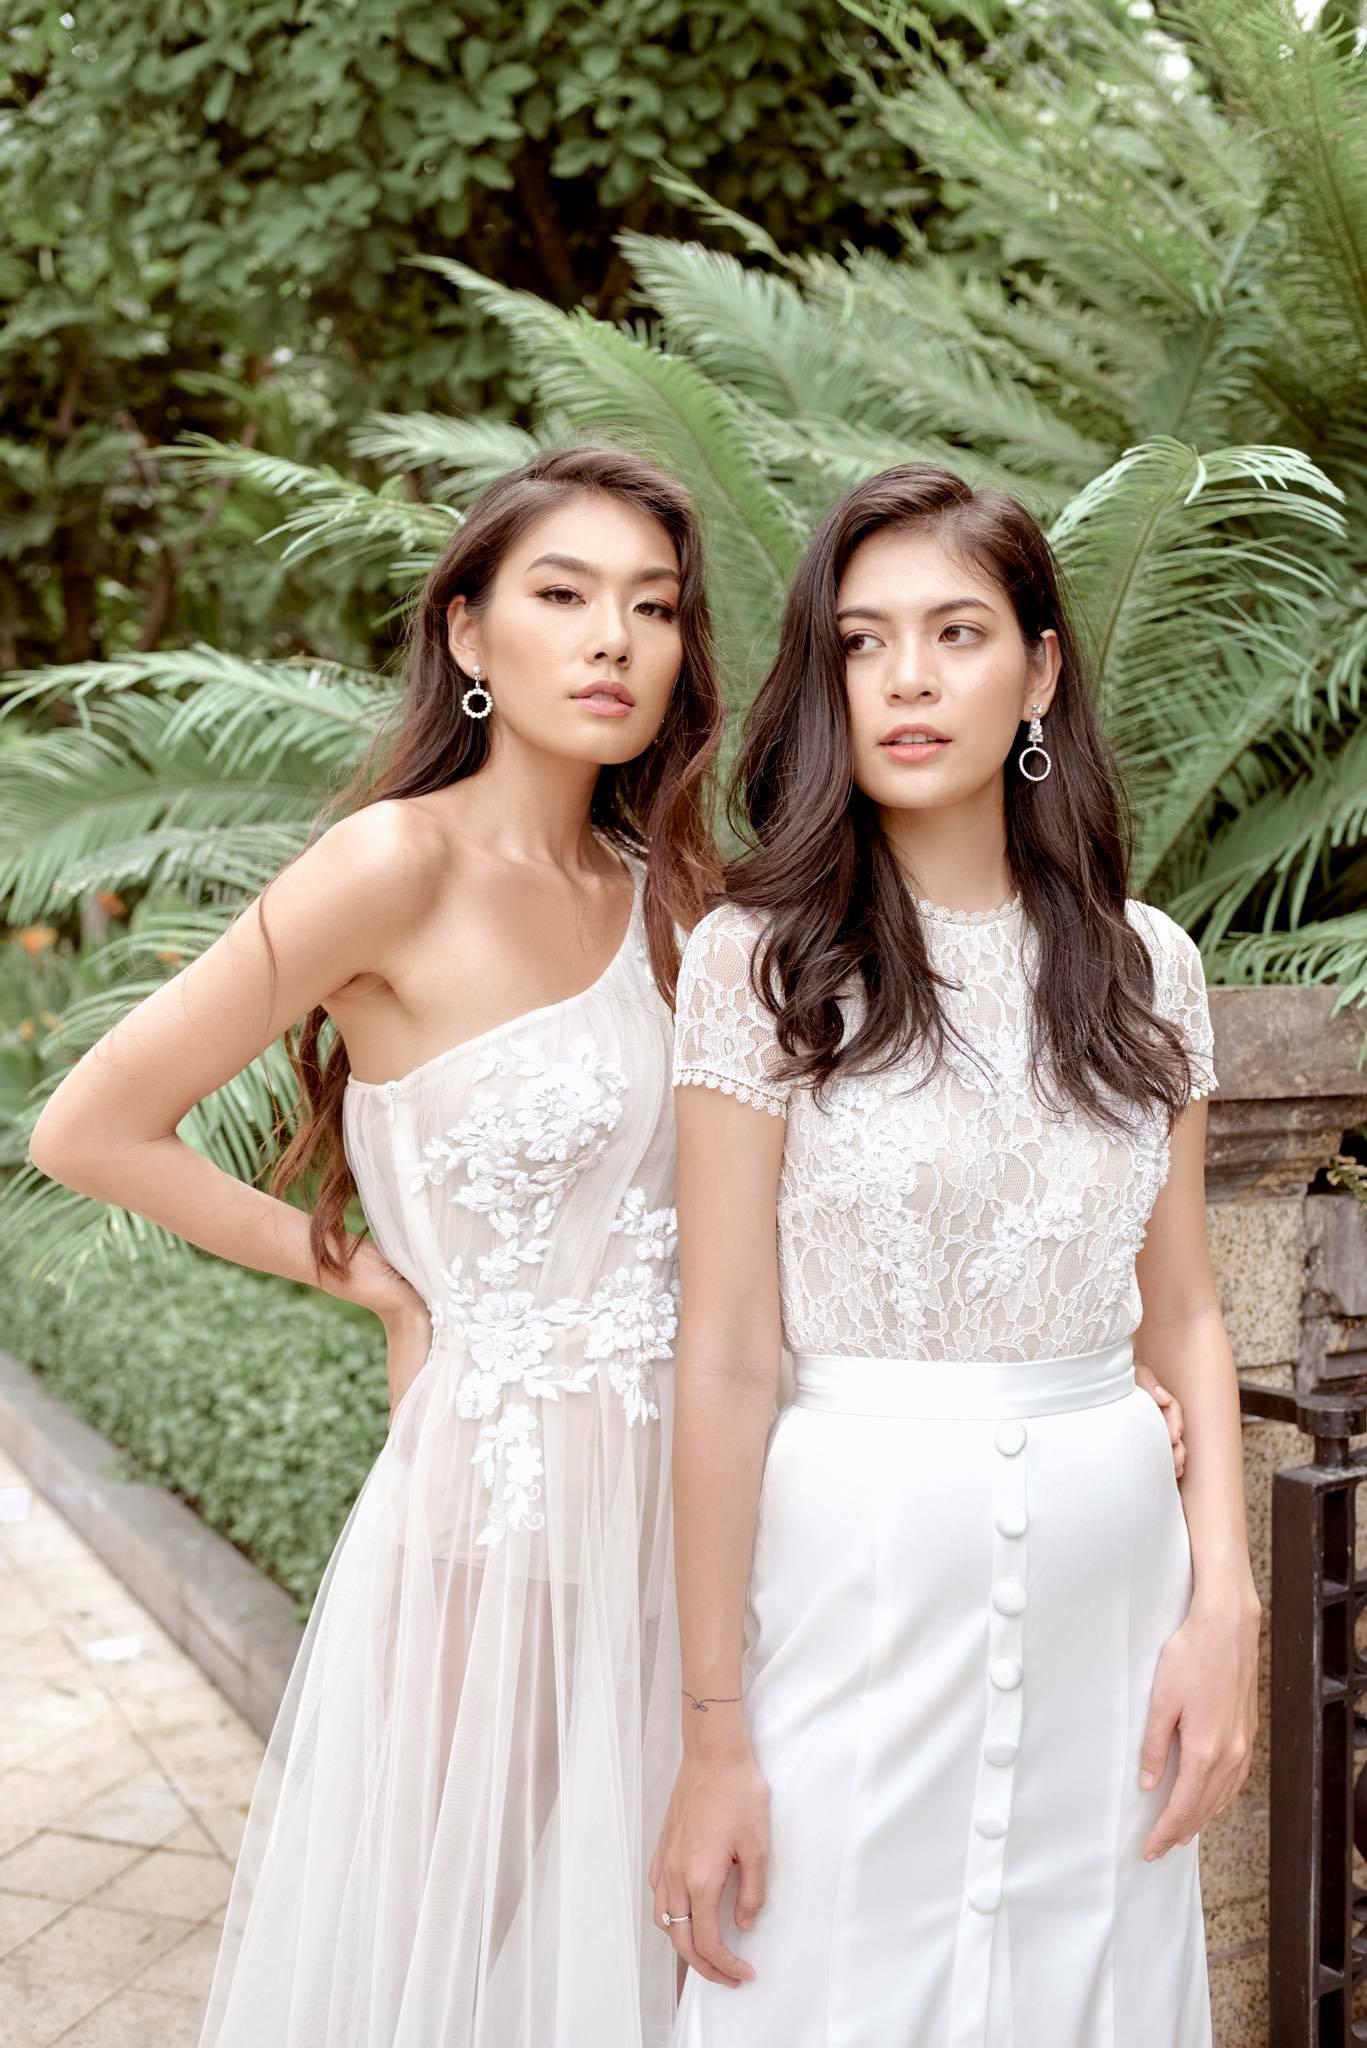 Cream.Y x Daphale, những chiếc váy cưới dành riêng cho cô dâu hiện đại - Ảnh 1.